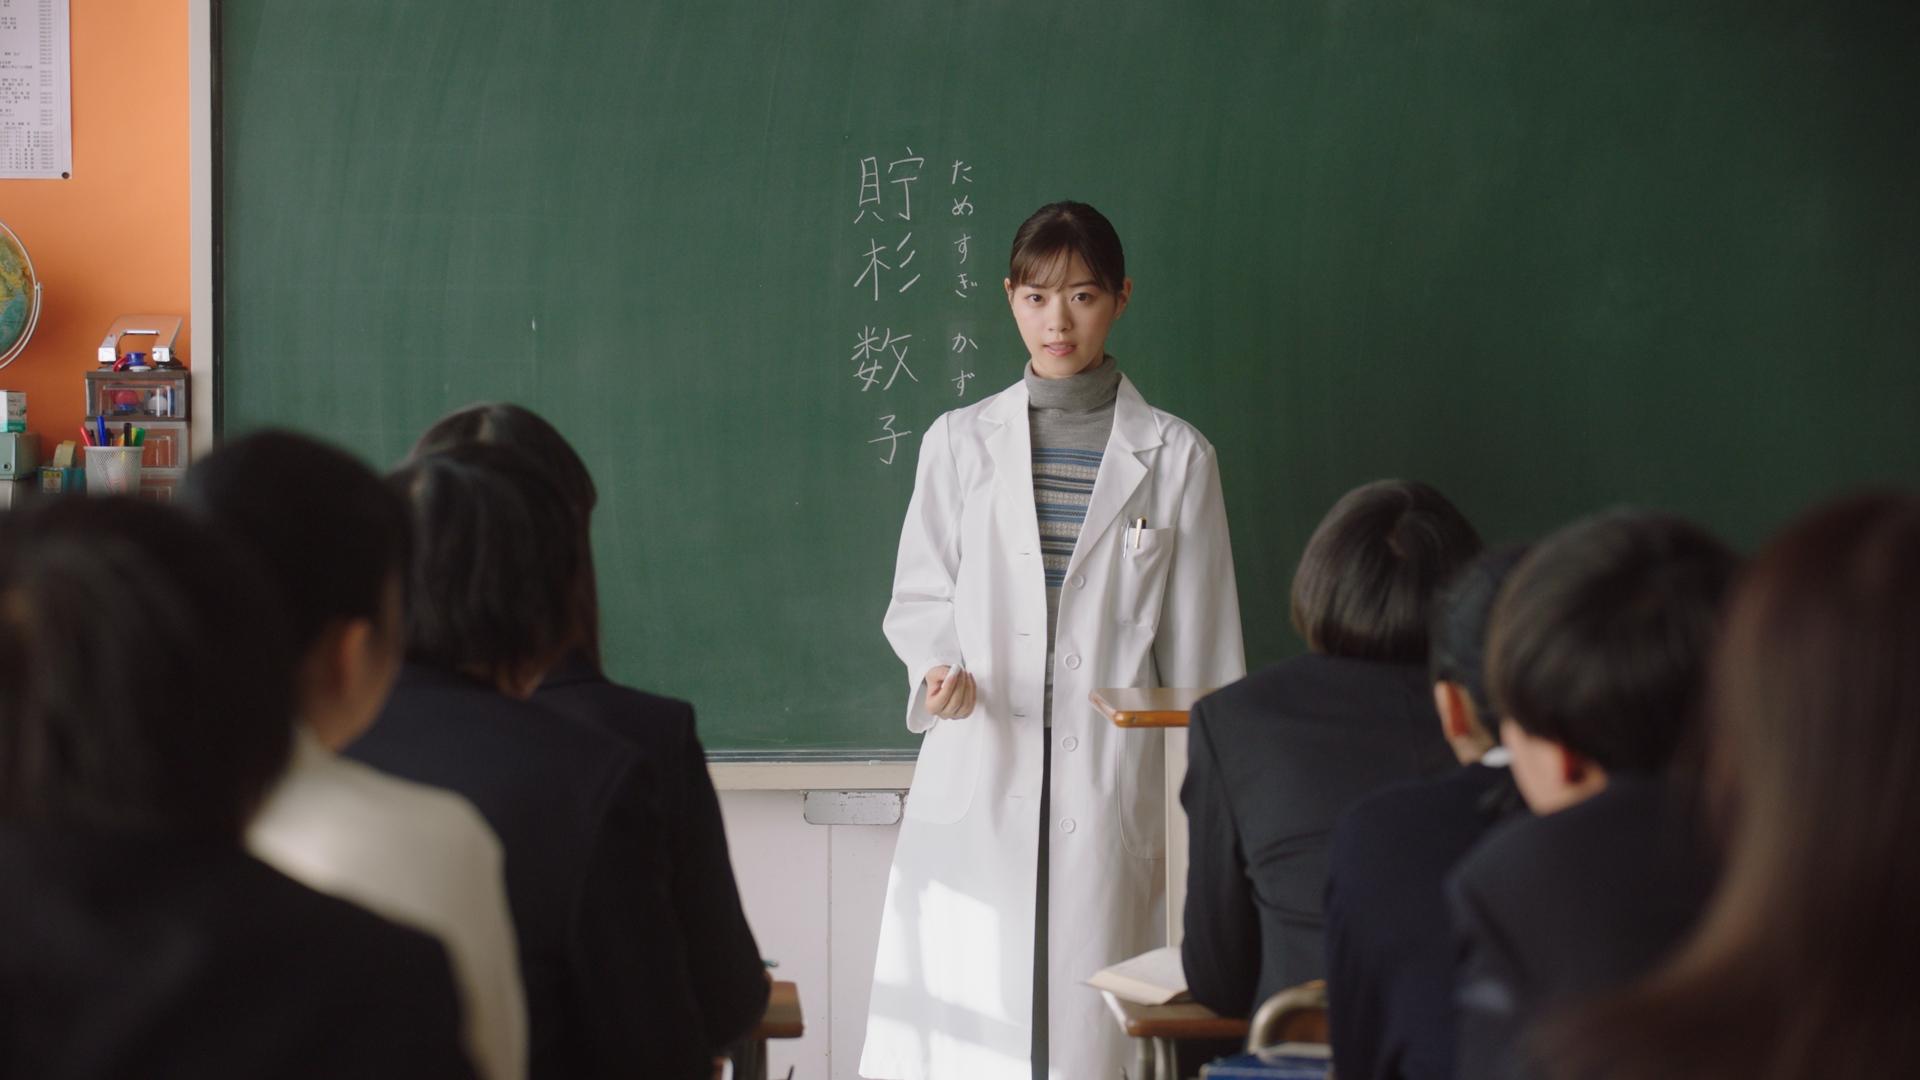 """西野七瀬、auのCM""""意識高すぎ!高杉くん""""シリーズに先生役で登場"""